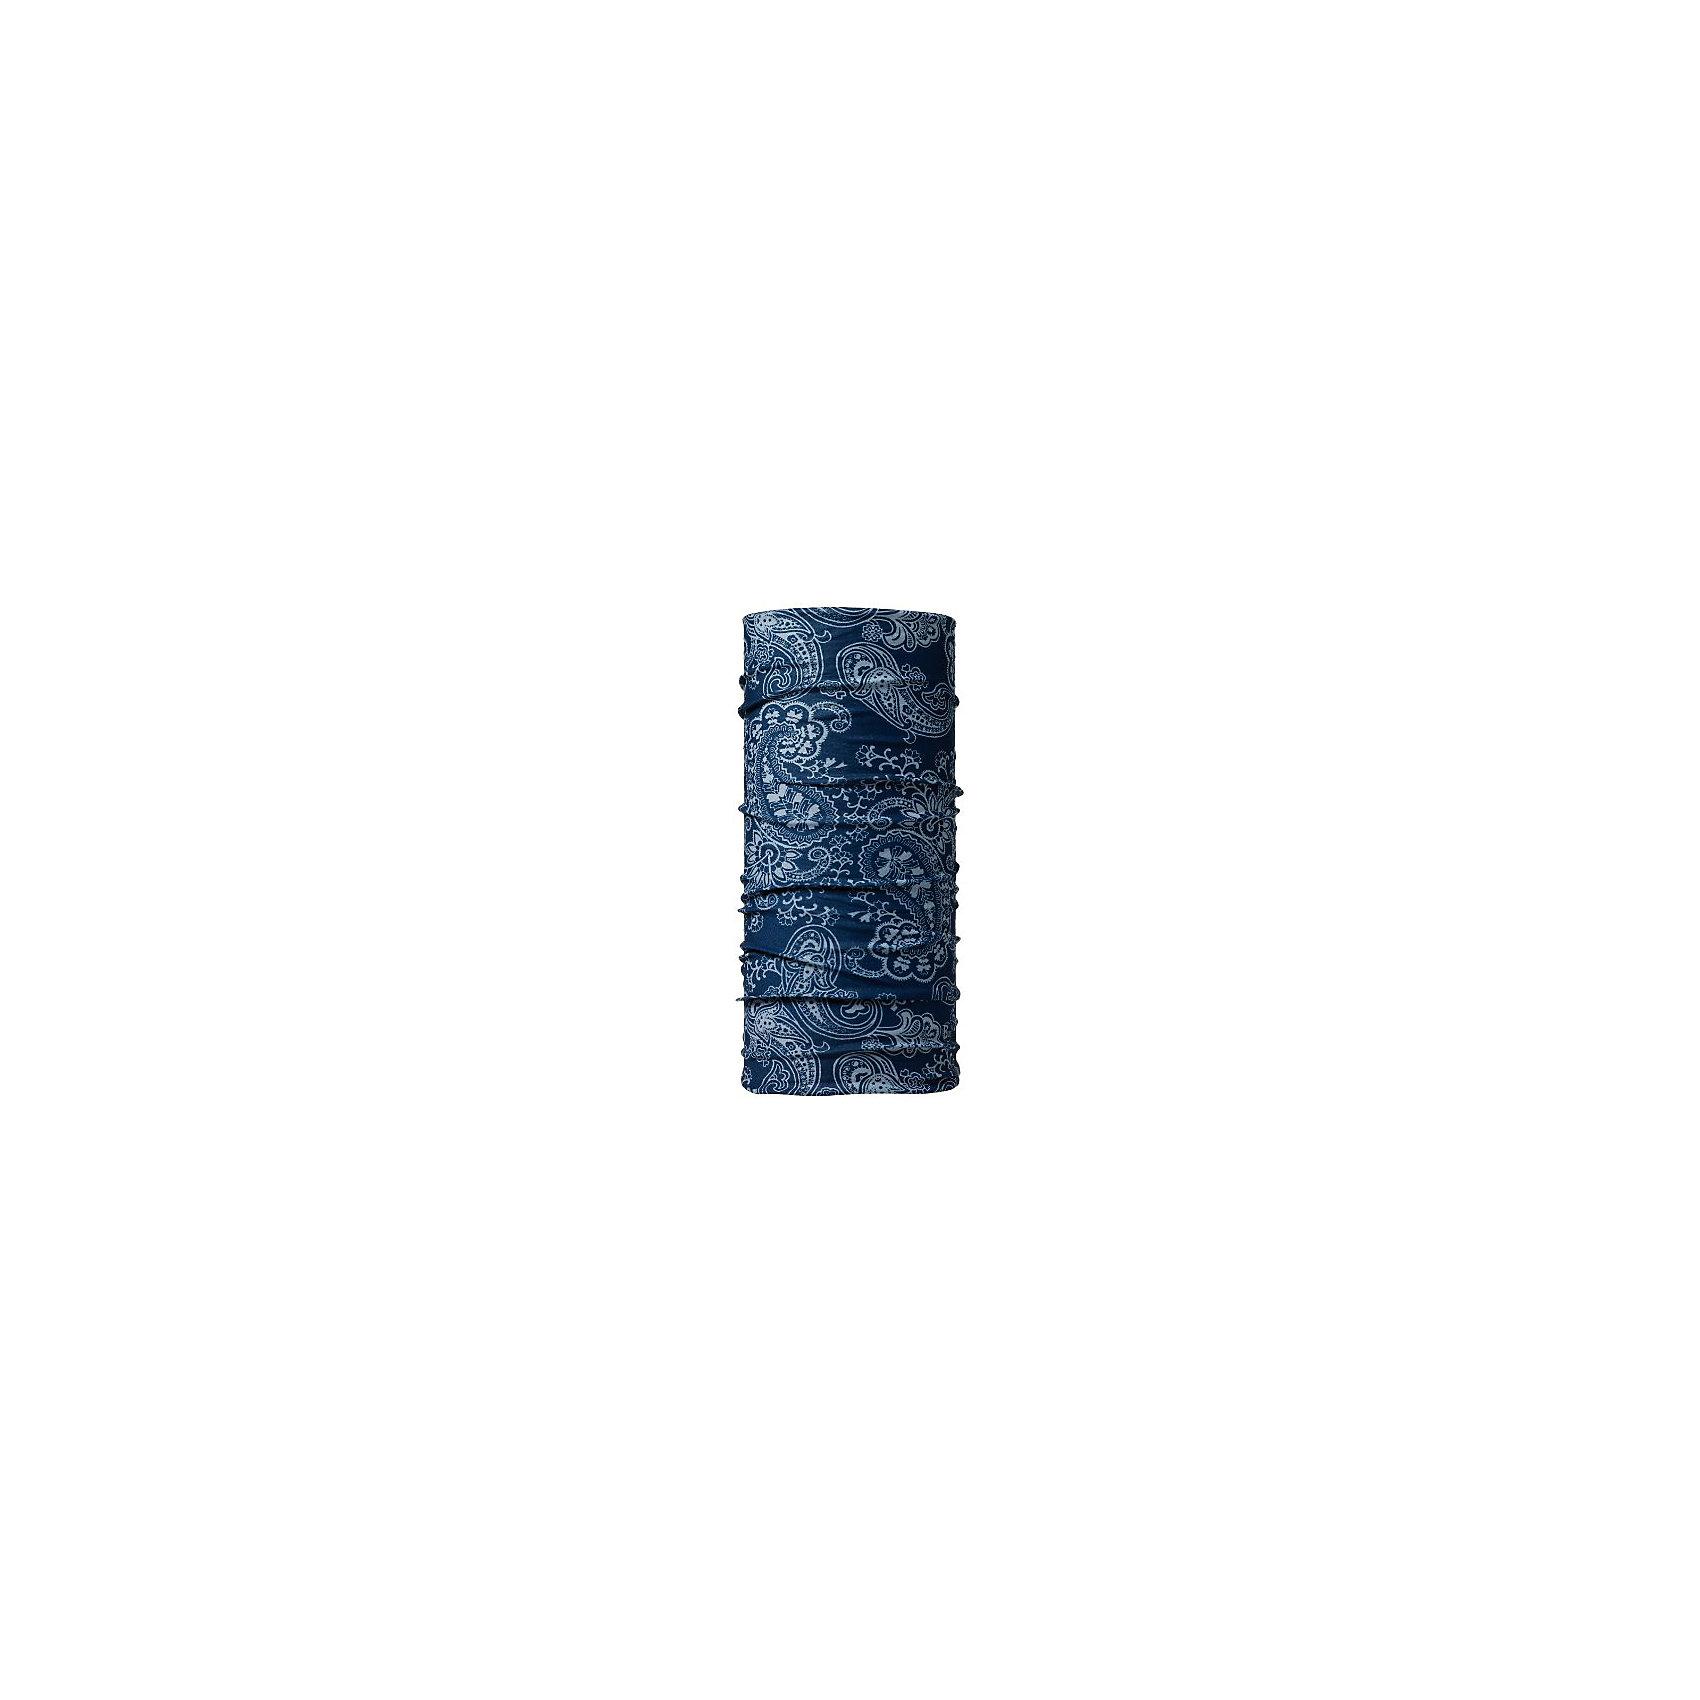 Бандана BUFFГоловные уборы<br>Бандана BUFF <br>Бесшовная бандана-труба из специальной серии Original BUFF. Original BUFF - самый популярный универсальный головной убор из всех серий. <br><br>Сделан из микрофибры - защищает от ветра, пыли, влаги и ультрафиолета. Контролирует микроклимат в холодную и теплую погоду, отводит влагу. Ткань обработана ионами серебра, обеспечивающими длительный антибактериальный эффект и предотвращающими появление запаха. Допускается машинная и ручная стирка при 30-40градусах. Материал не теряет цвет и эластичность, не требует глажки. <br><br>Original BUFF можно носить на шее и на голове, как шейный платок, маску, бандану, шапку и подшлемник. <br><br>Свойства материала позволяют использовать бандану Original BUFF в любое время года, при занятиях любым видом спорта, активного отдыха, туризма или рыбалки.<br>Состав:<br>Полиэстер 100%<br><br>Ширина мм: 89<br>Глубина мм: 117<br>Высота мм: 44<br>Вес г: 155<br>Цвет: синий<br>Возраст от месяцев: 84<br>Возраст до месяцев: 1188<br>Пол: Унисекс<br>Возраст: Детский<br>Размер: one size<br>SKU: 5568765